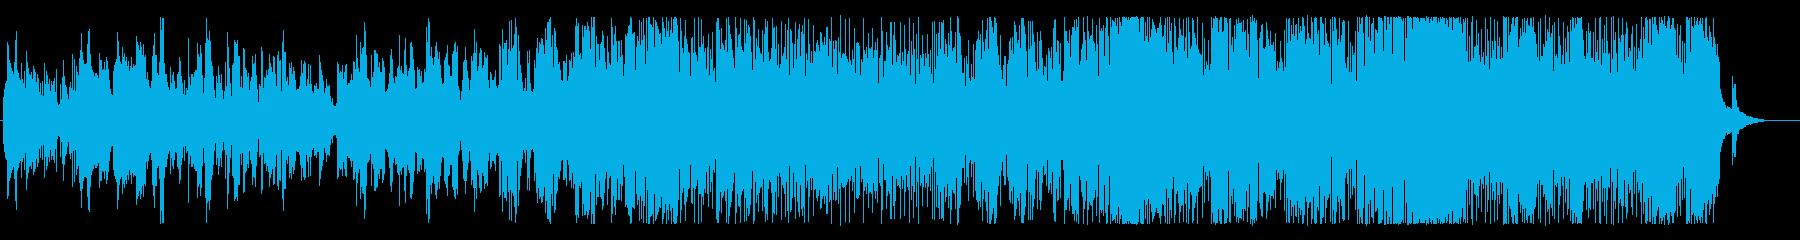 琉球の涙の再生済みの波形